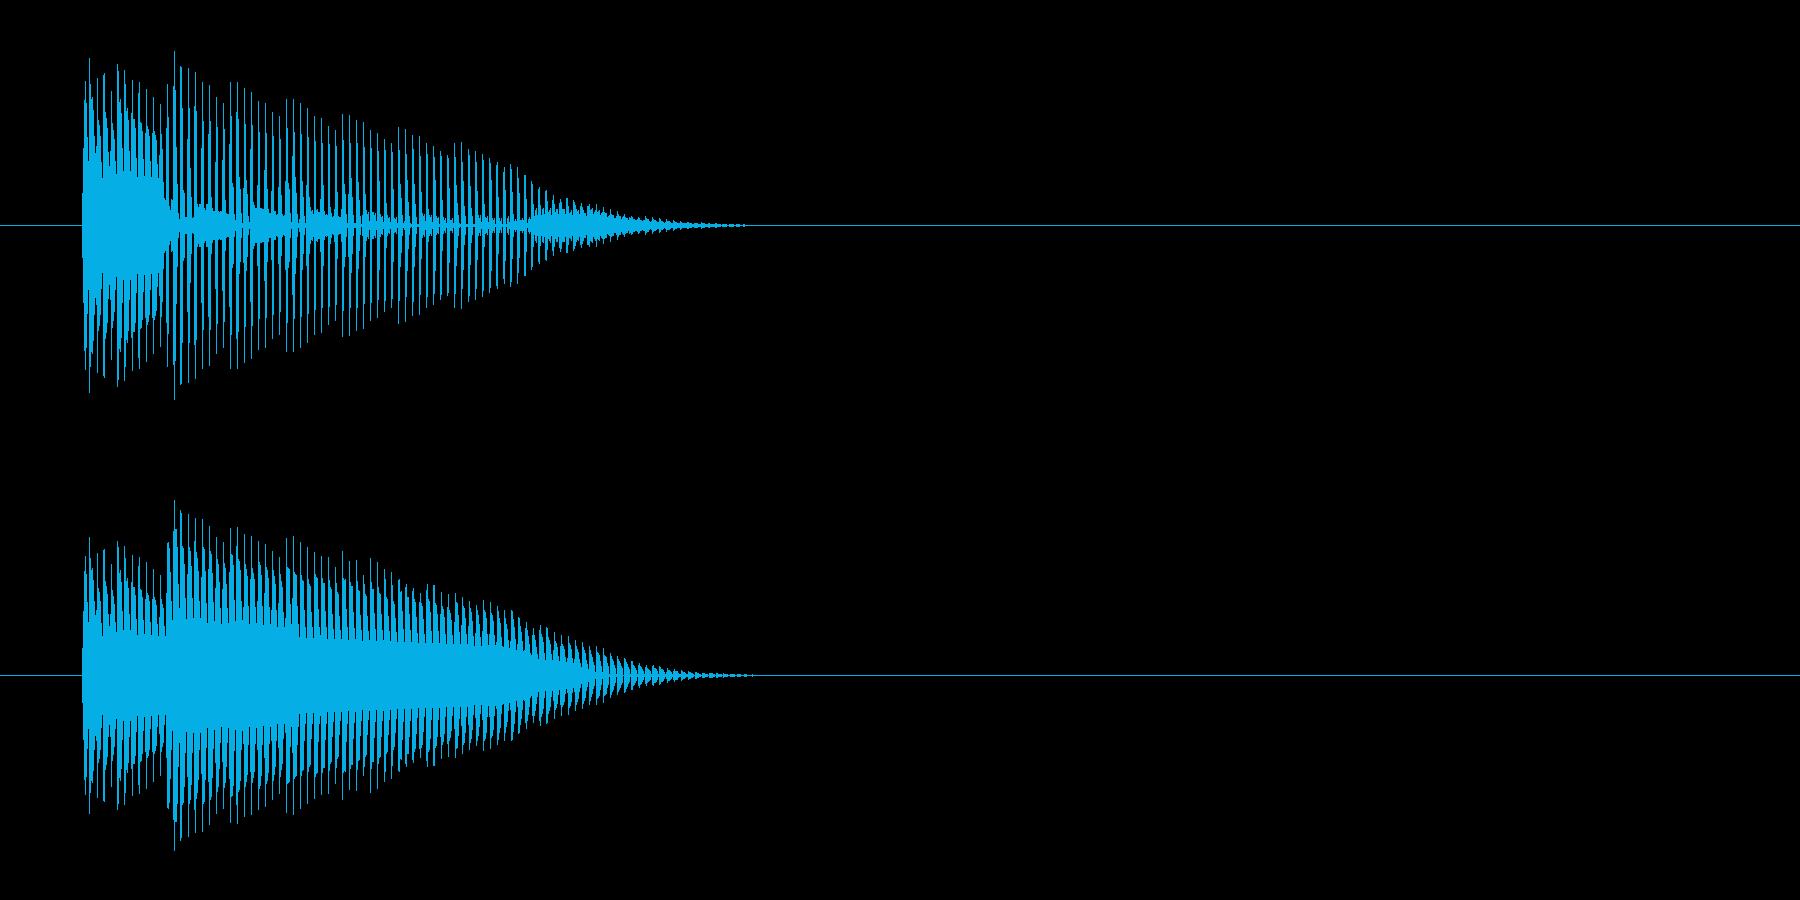 ポン(プッシュ、クリック、ボタン音)の再生済みの波形